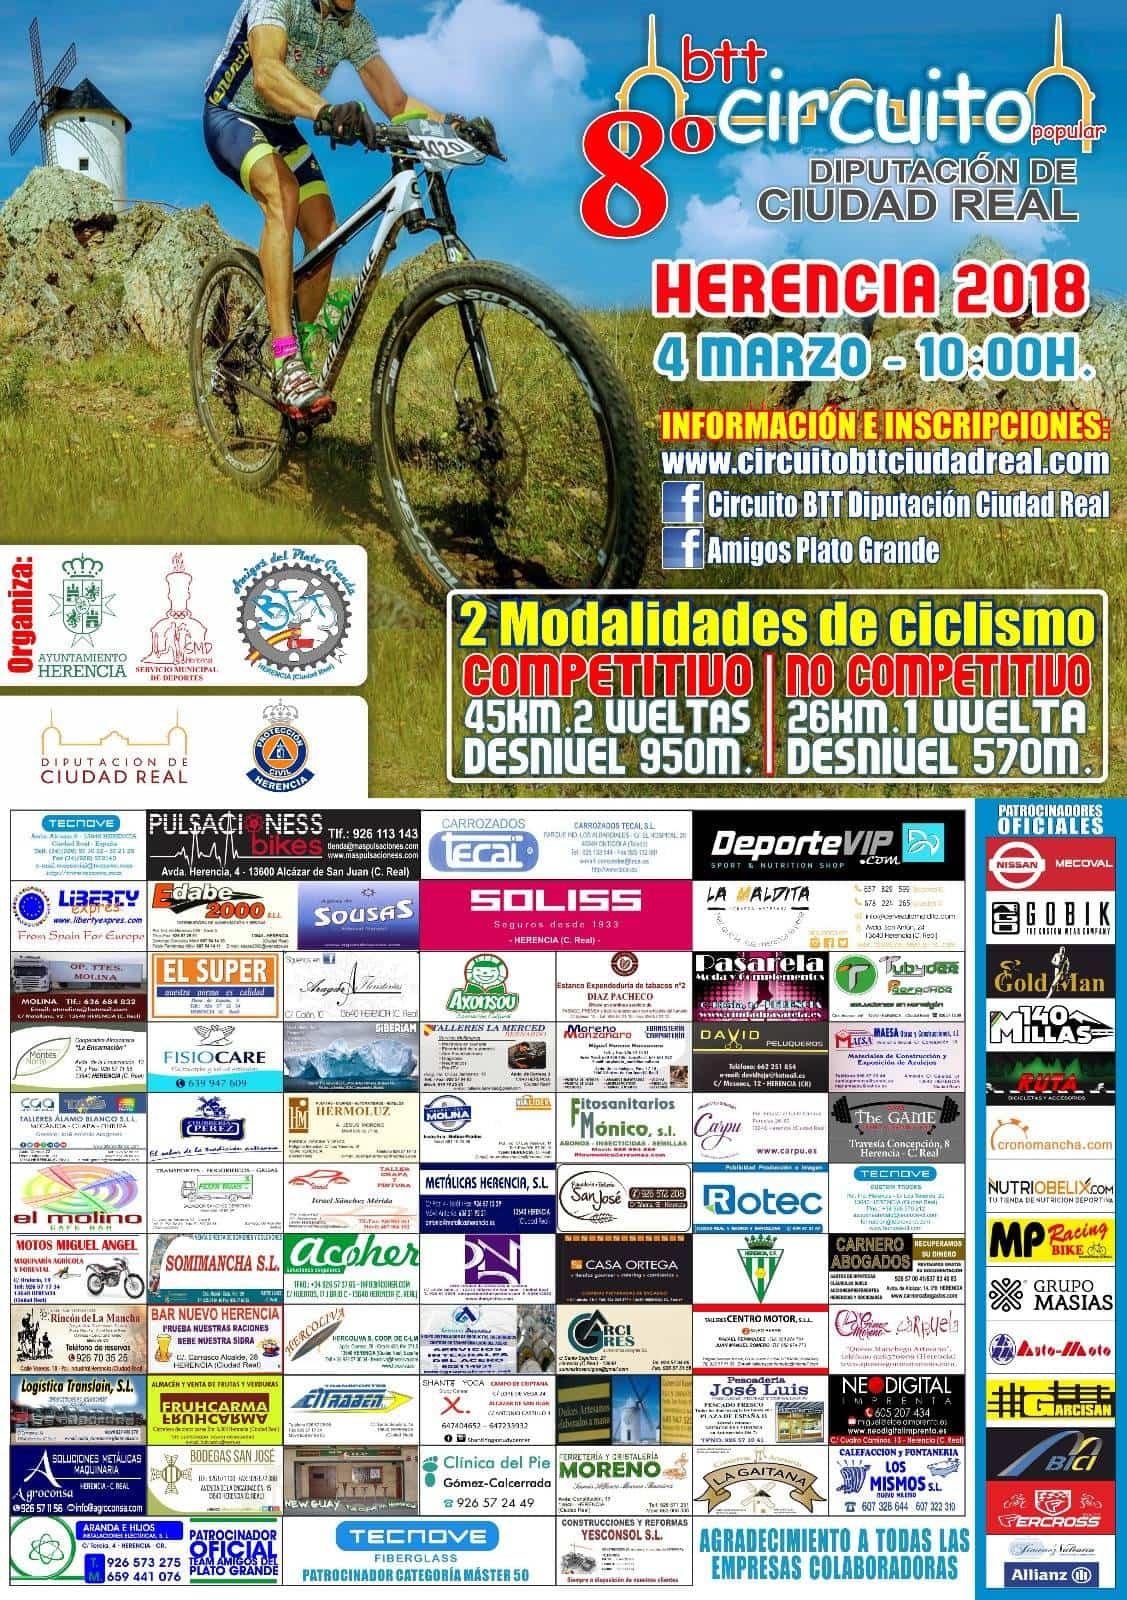 competicicion Btt octava ciudad real - 8ª edición del Circuito Popular BTT Diputación en Herencia